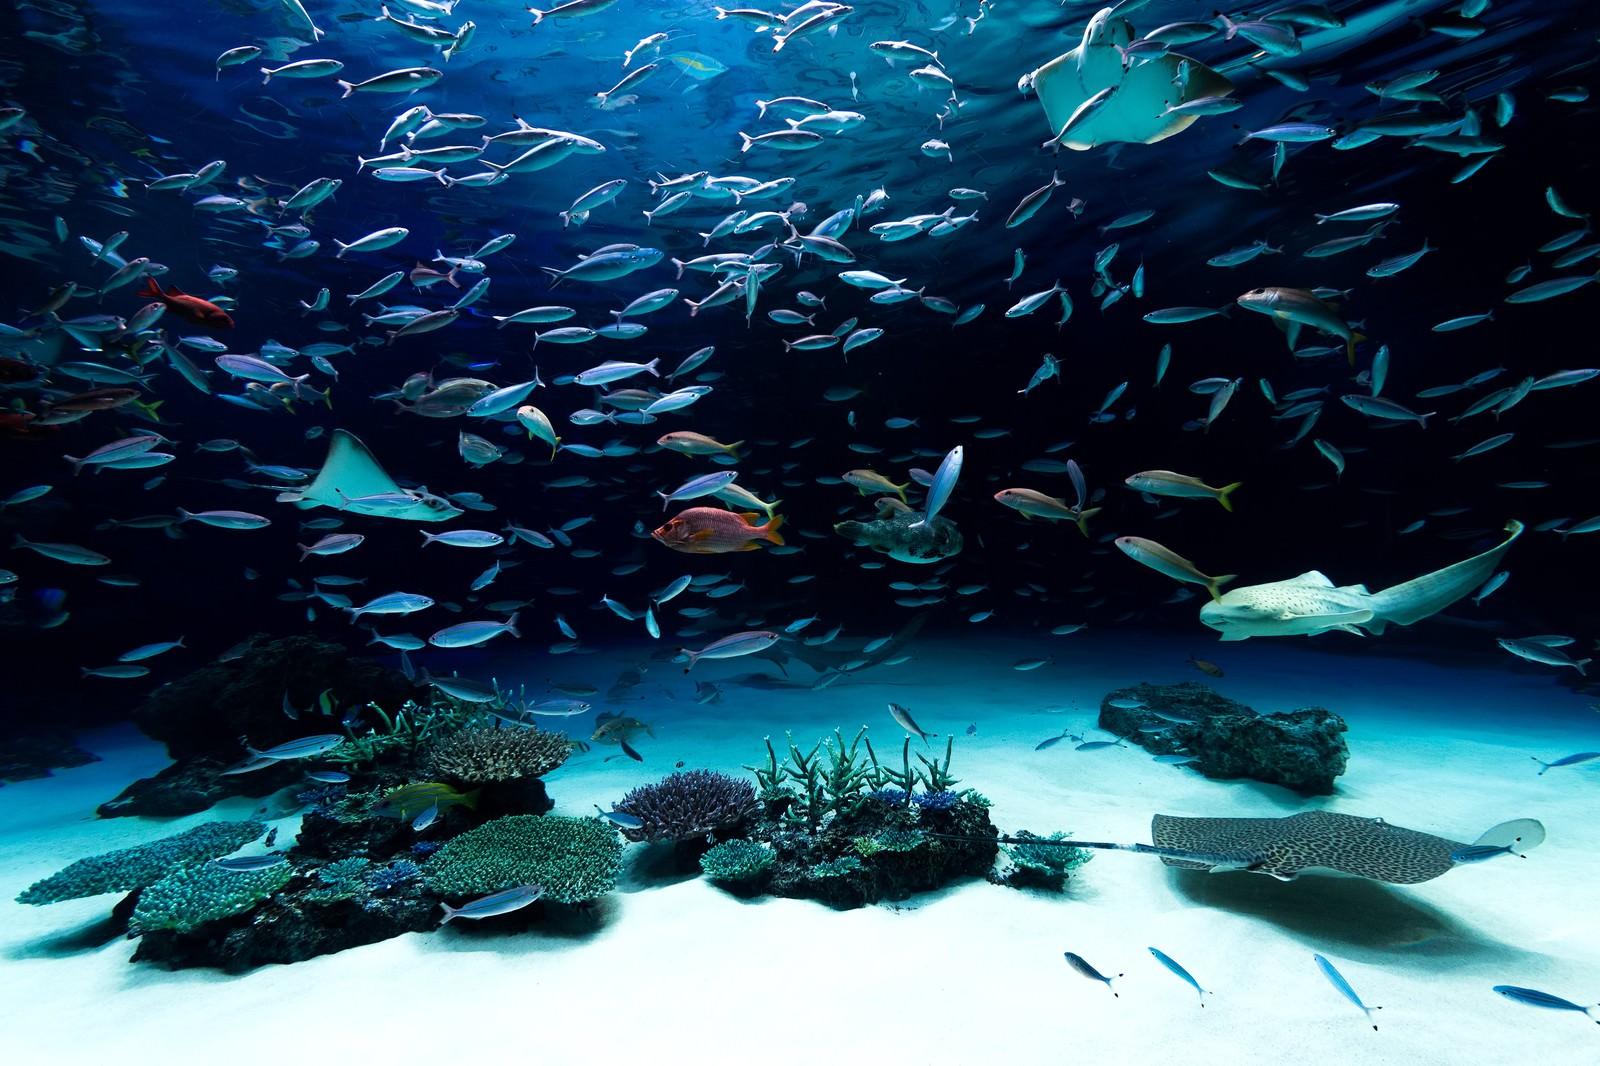 「水族館水族館」のフリー写真素材を拡大